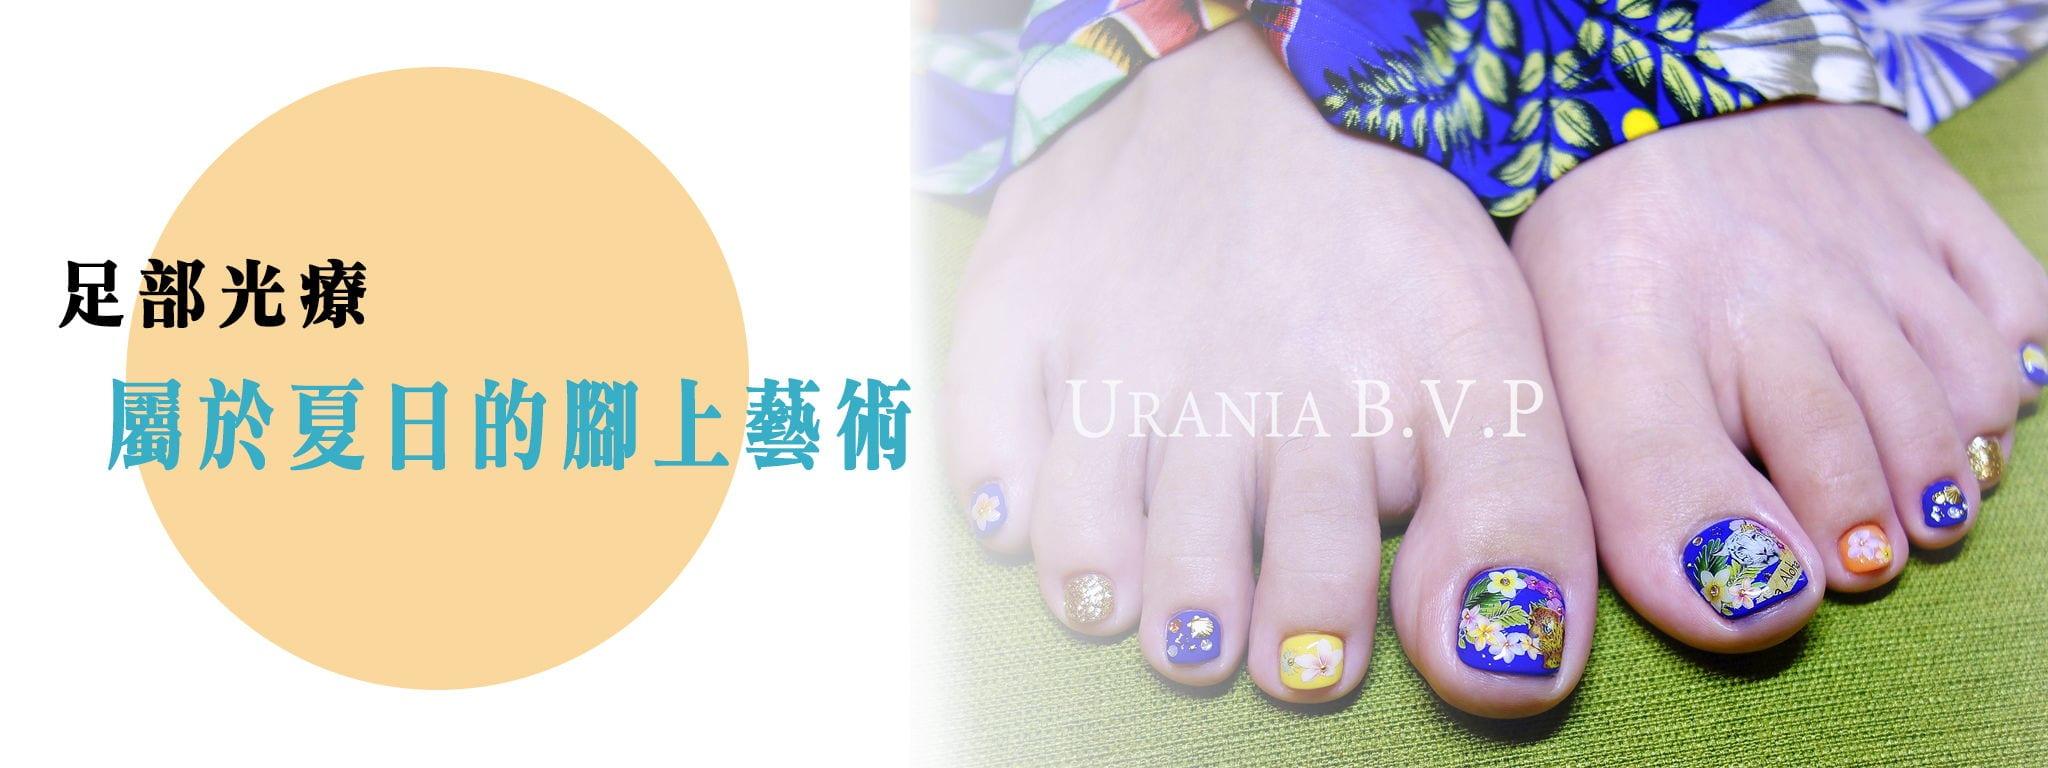 ♥ 足部凝膠指甲。屬於夏日的腳上藝術